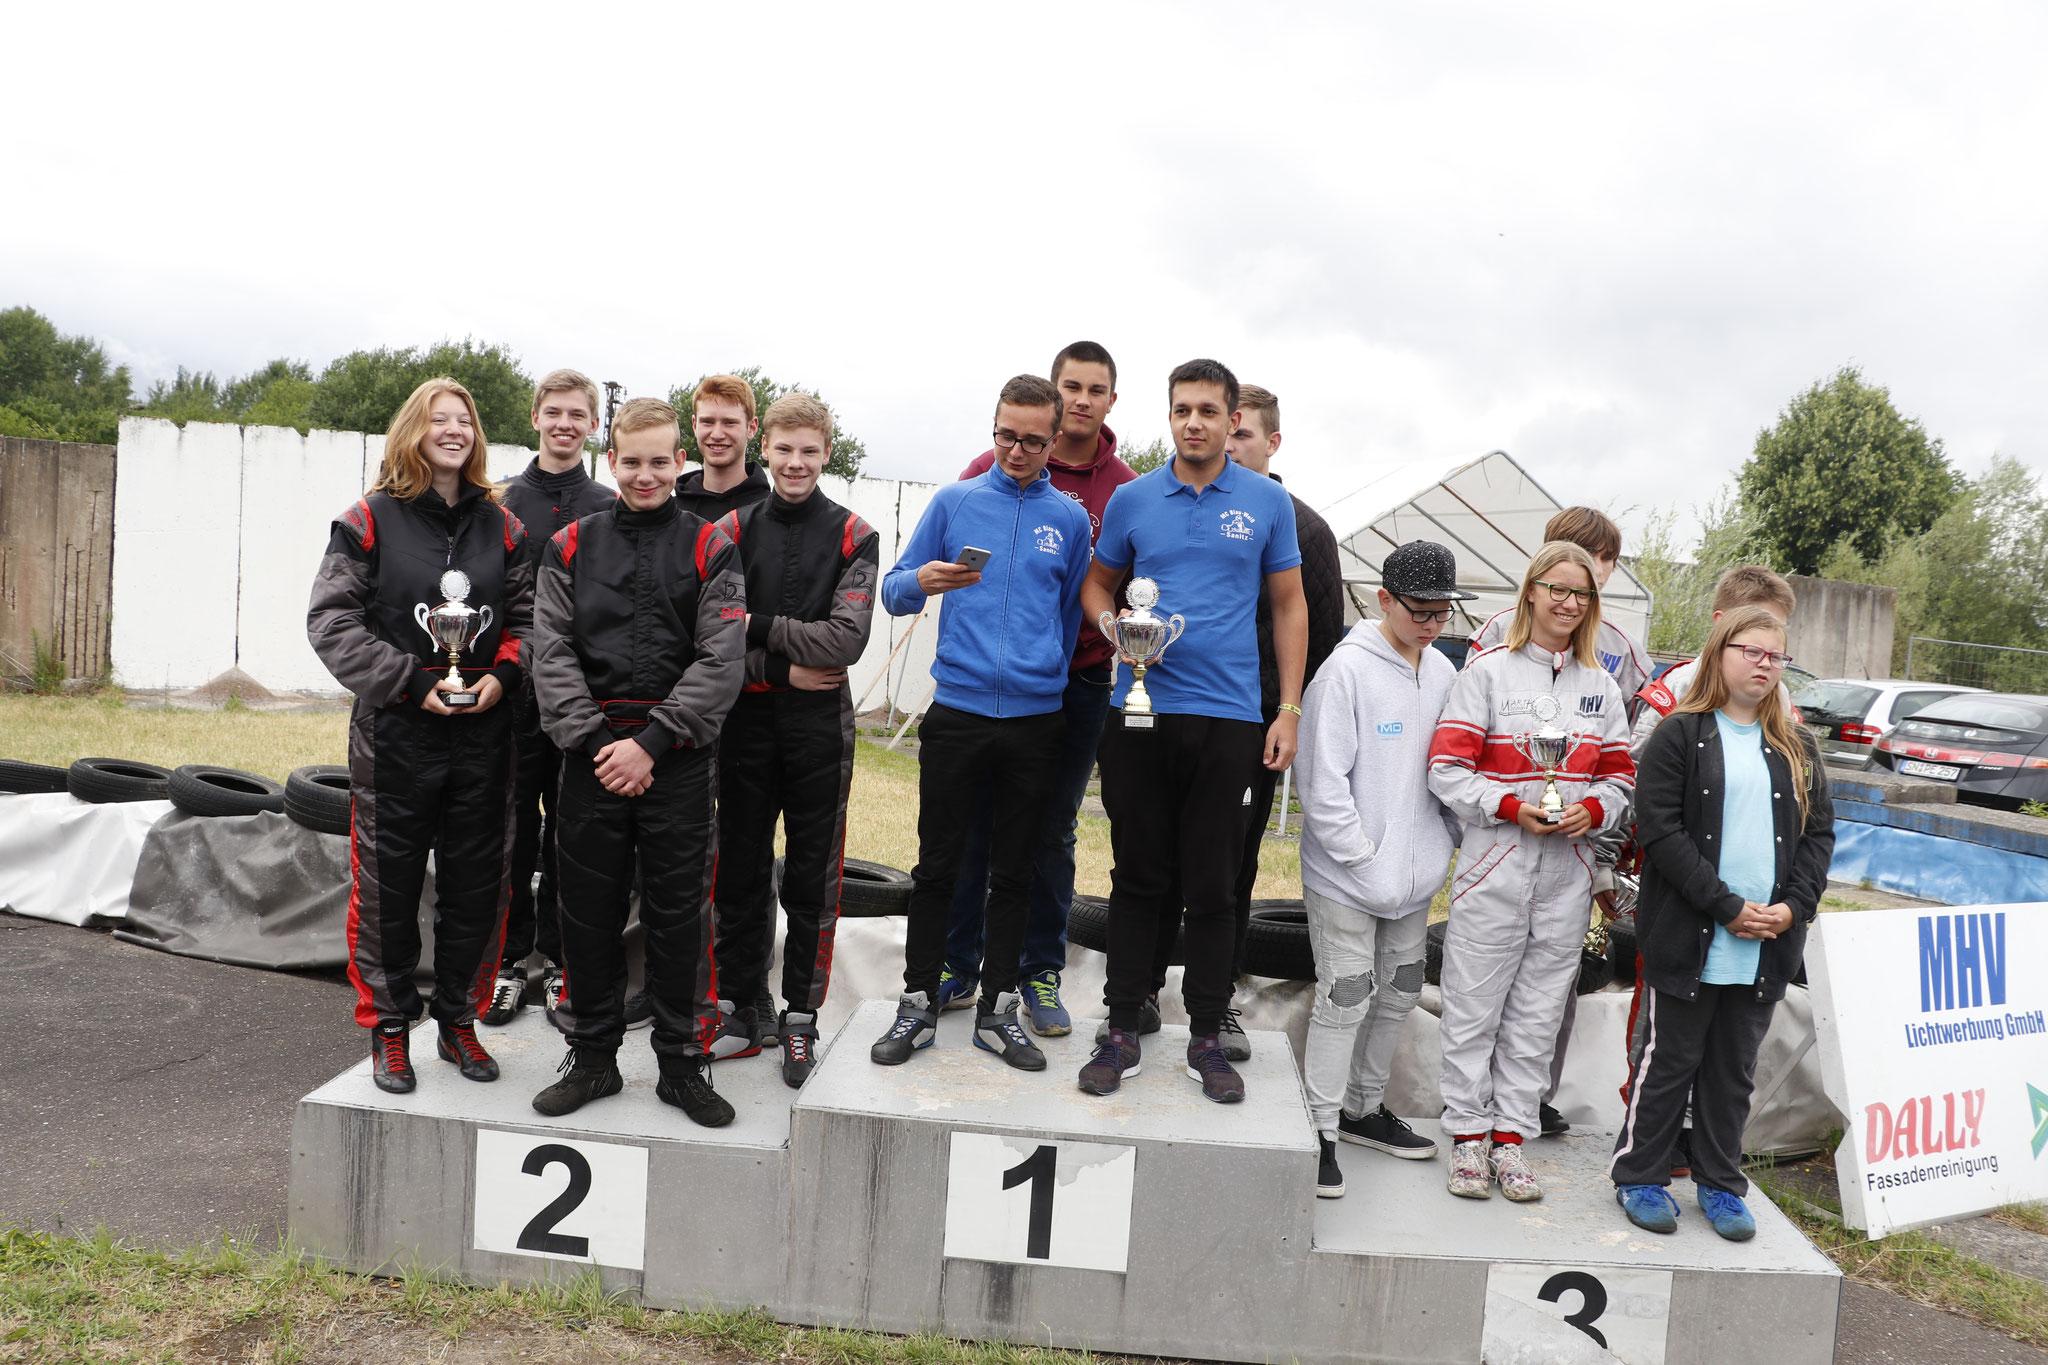 Die Mannschaft MSC land Hadeln 1 olte sich den zweiten Platz